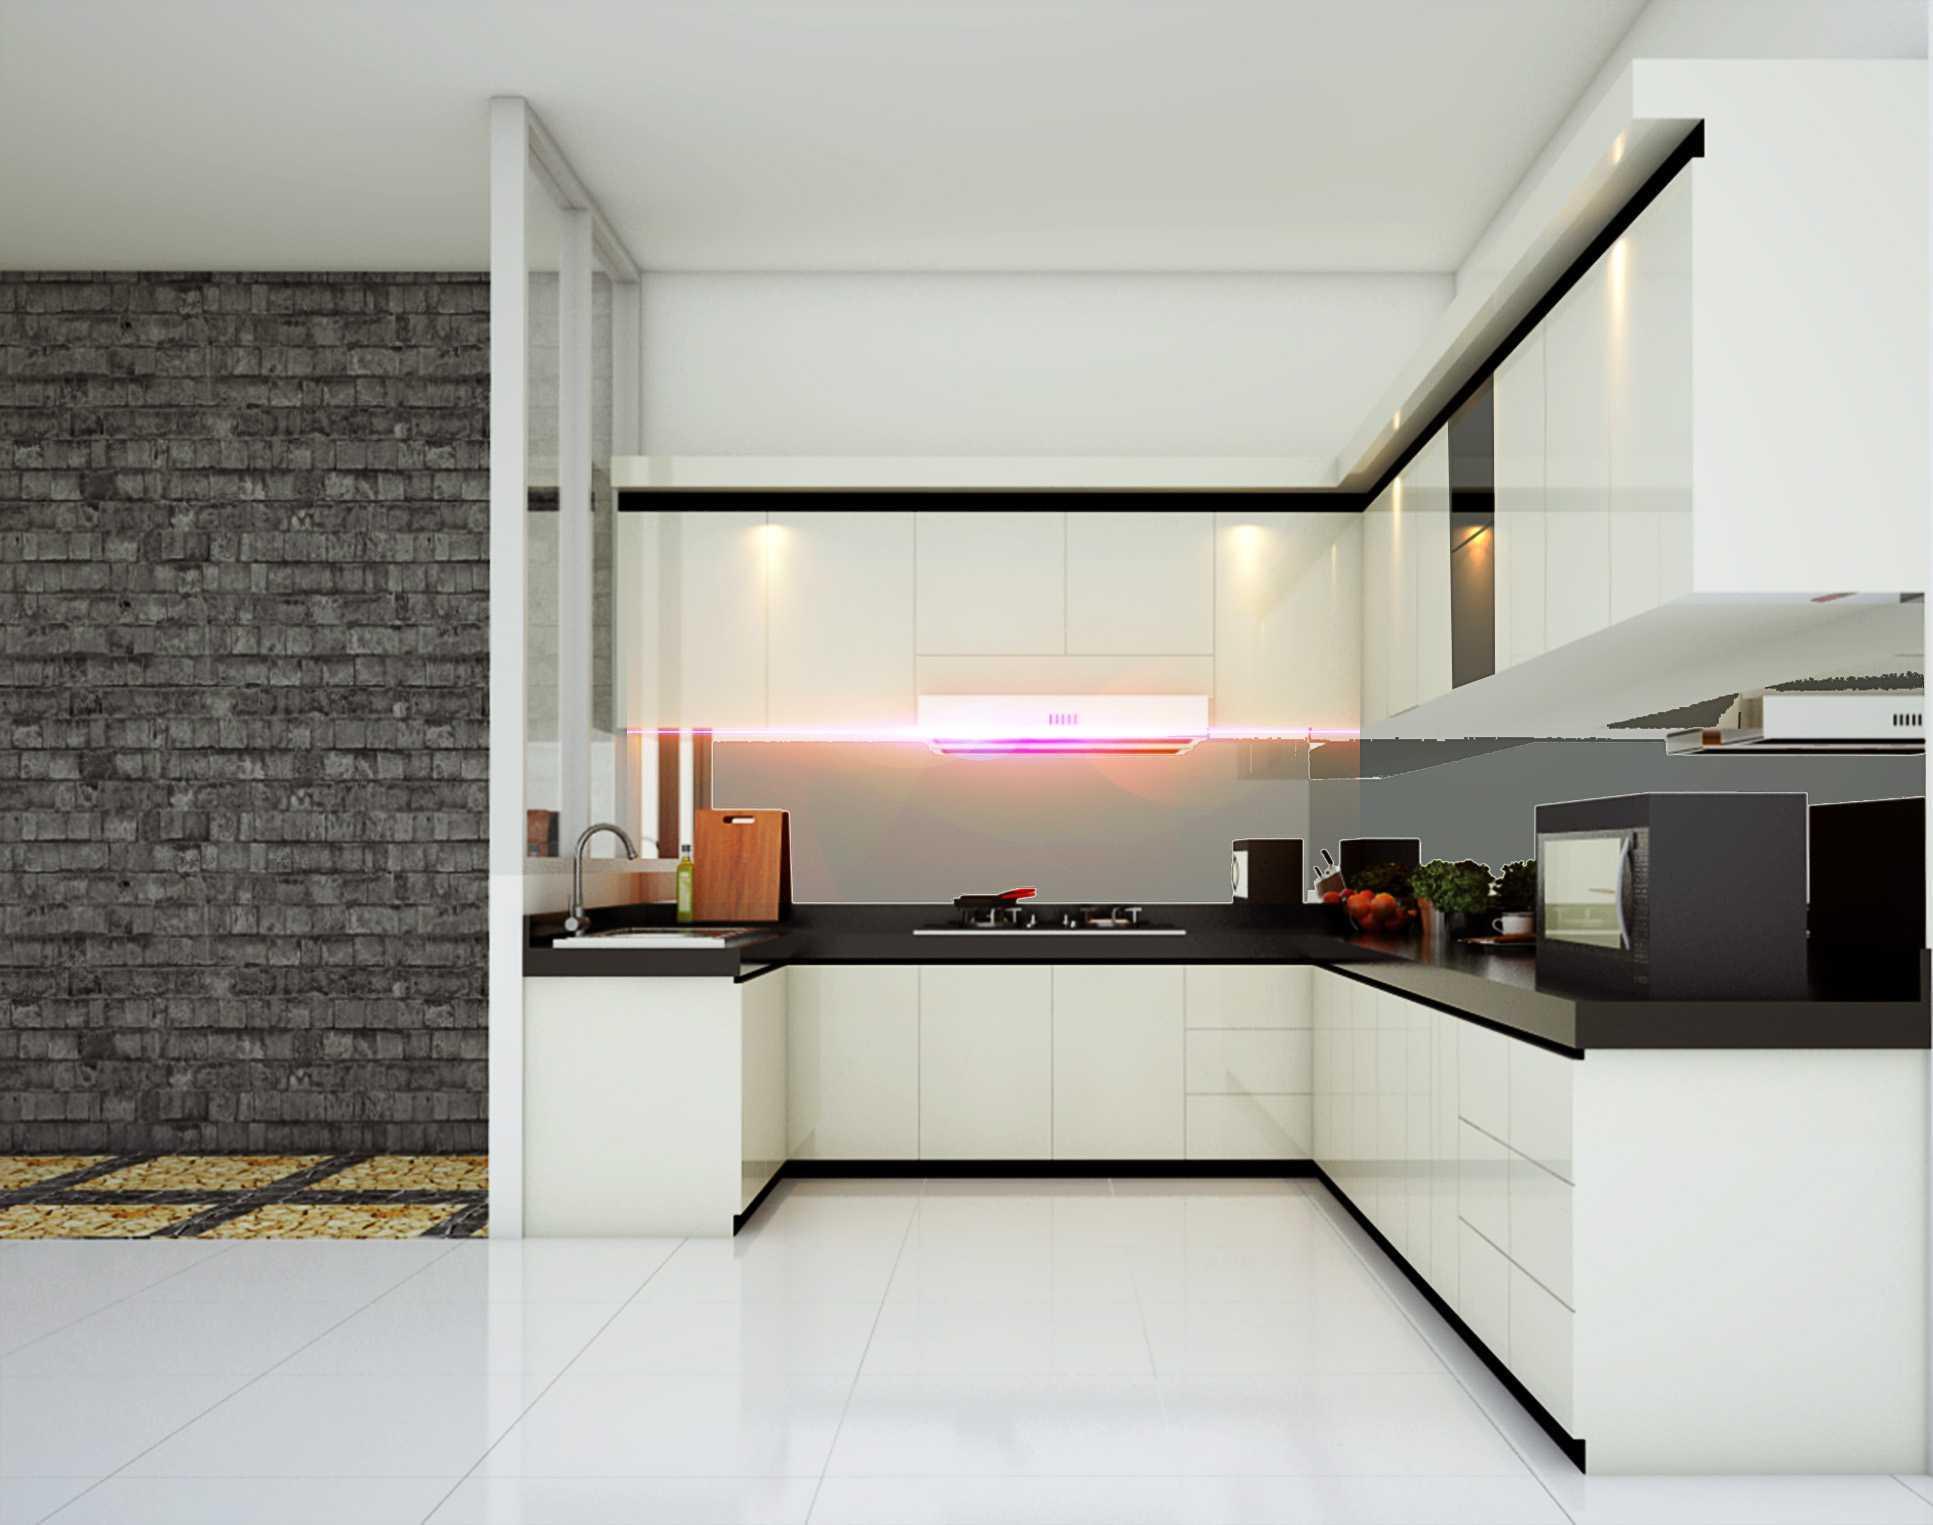 Sabio Design White Kitchen - Taman Kopo Indah Unnamed Road, Margahayu Sel., Kec. Margahayu, Bandung, Jawa Barat 40226, Indonesia Unnamed Road, Margahayu Sel., Kec. Margahayu, Bandung, Jawa Barat 40226, Indonesia Sabio-Design-White-Kitchen-Taman-Kopo-Indah  116096